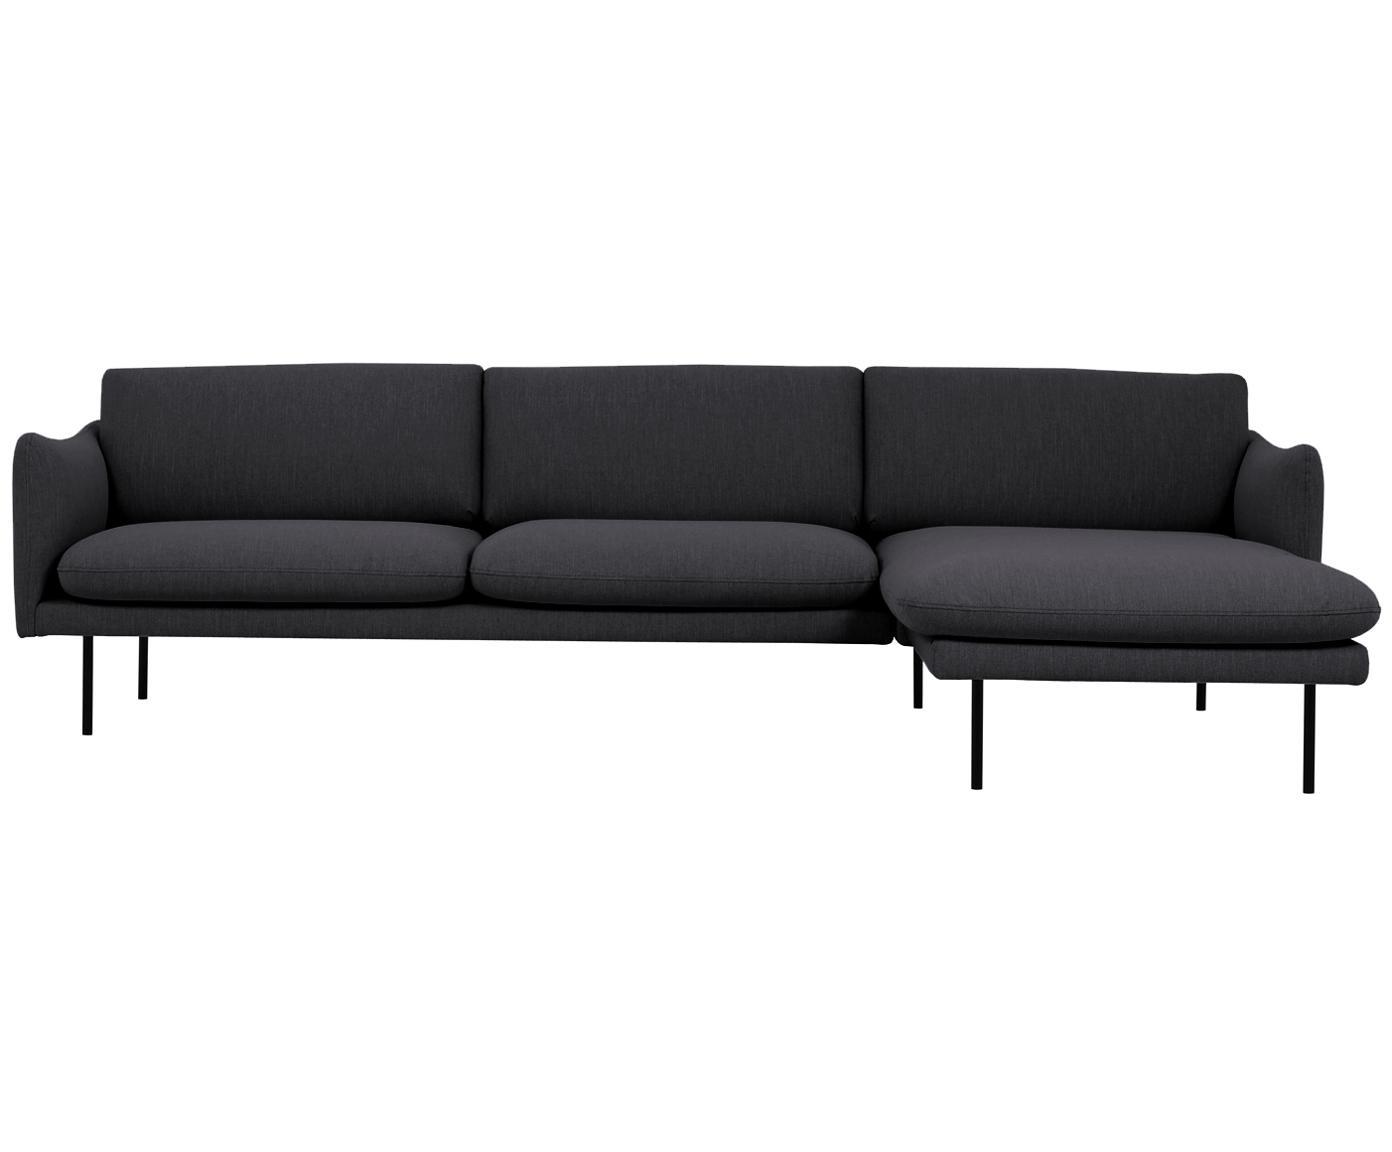 Ecksofa Moby, Bezug: Polyester 60.000 Scheuert, Gestell: Massives Kiefernholz, Webstoff Dunkelgrau, B 280 x T 160 cm